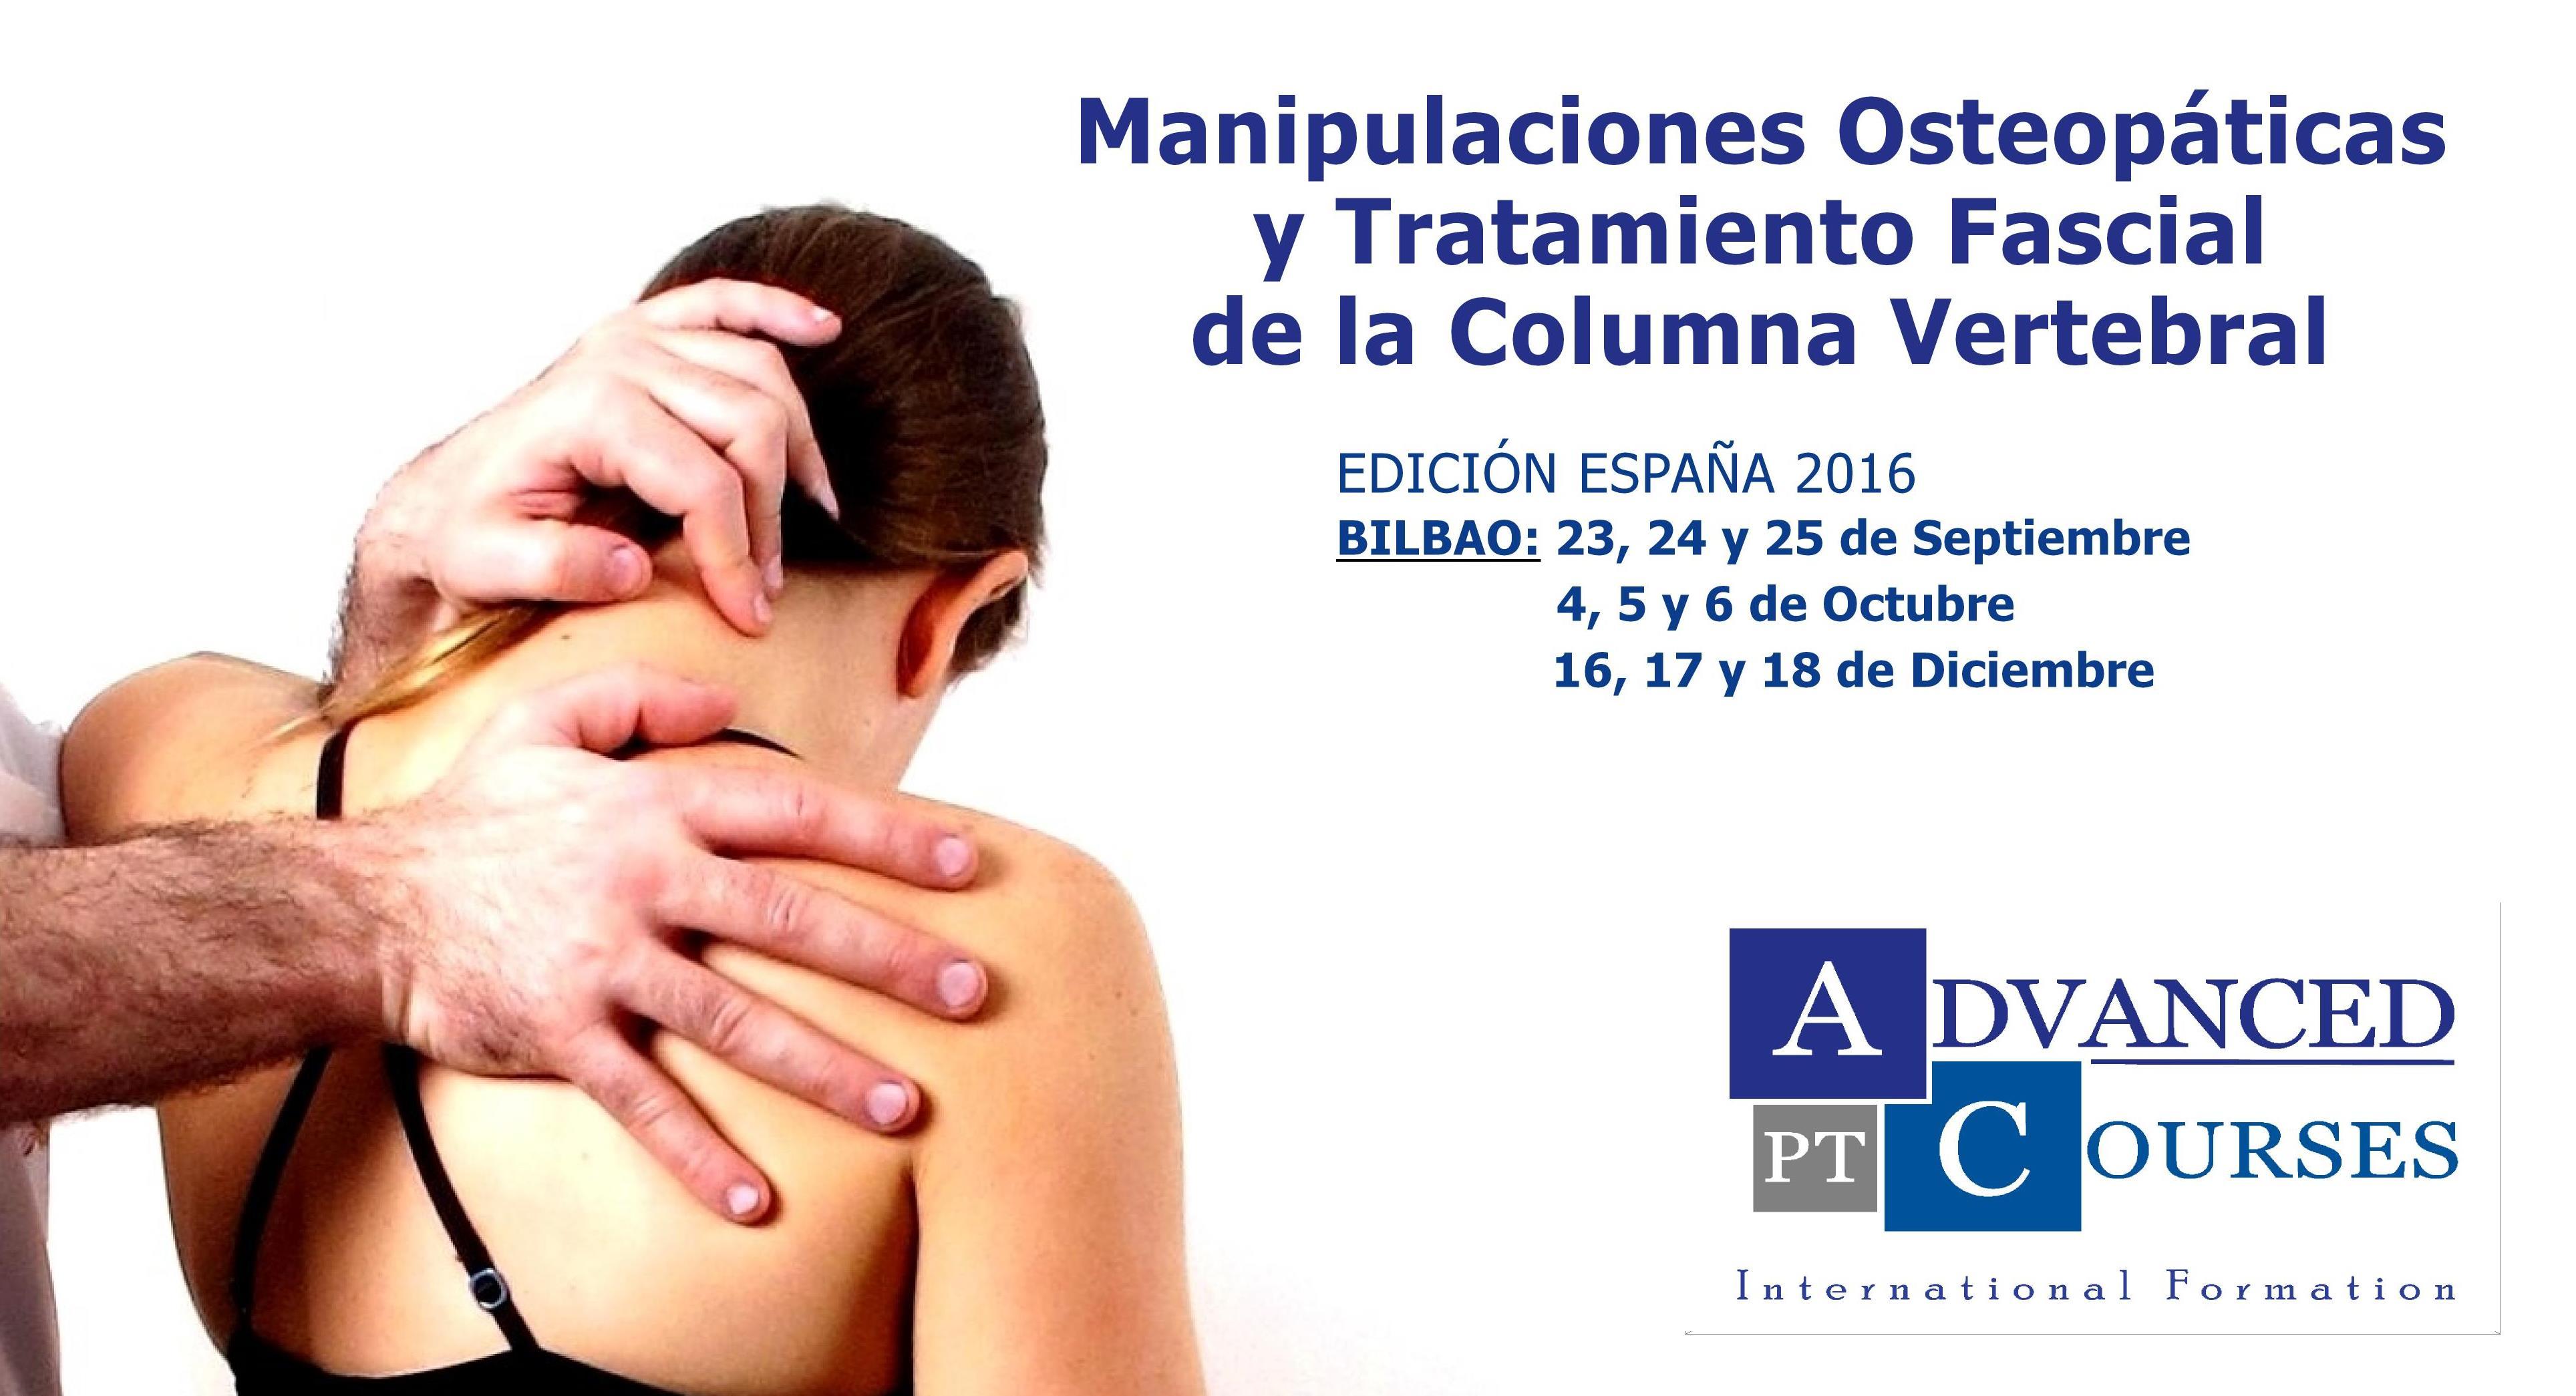 Manipulaciones Osteopáticas y Tratamiento Fascial de la Columna Vertebral